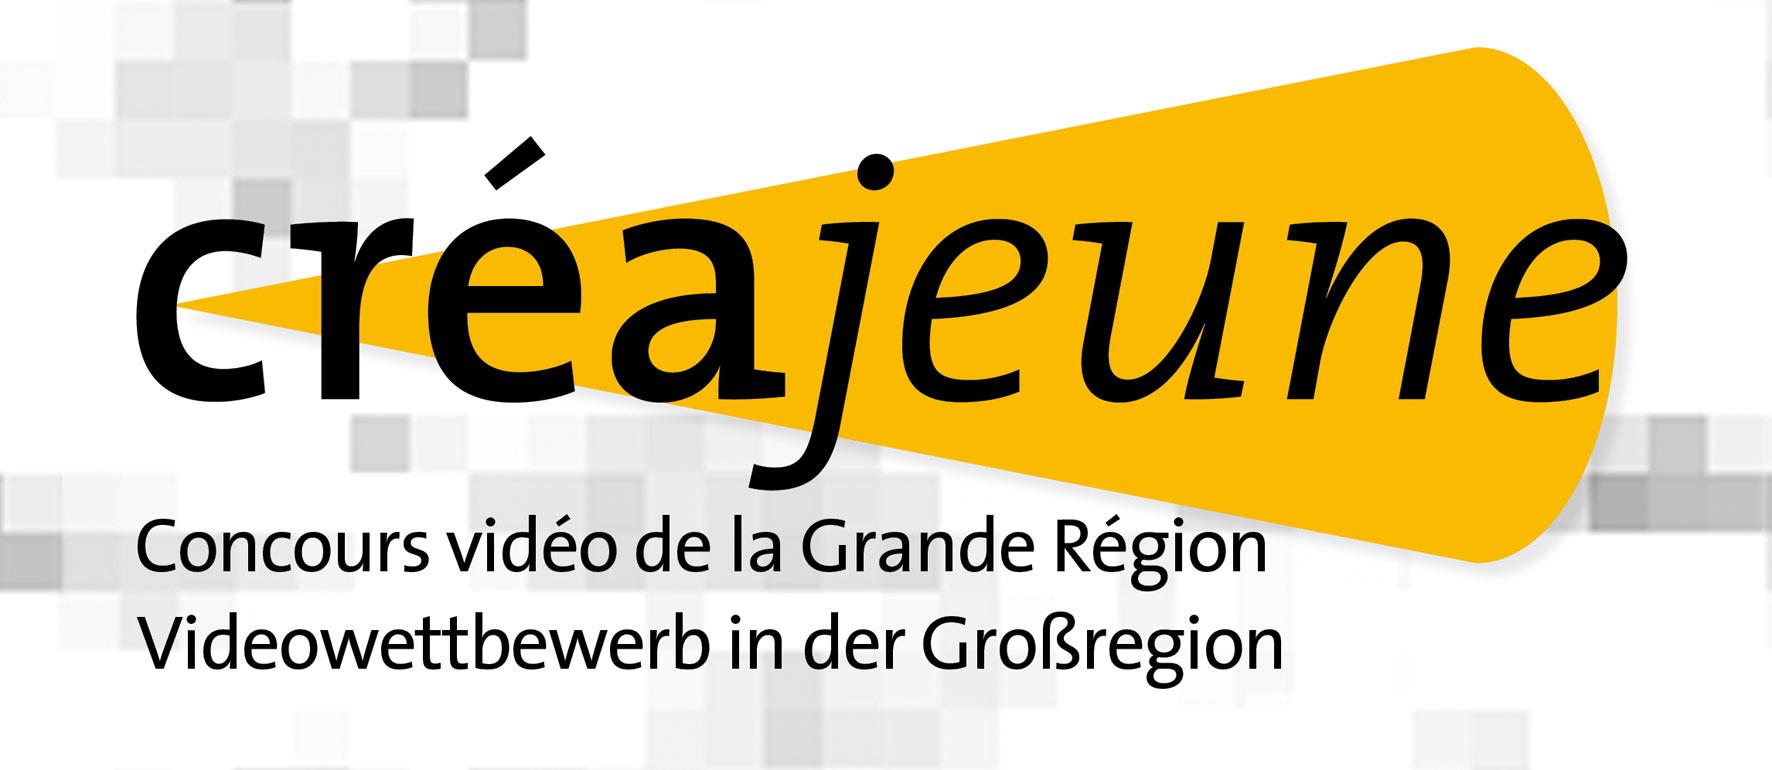 crea_banderole_2012_web